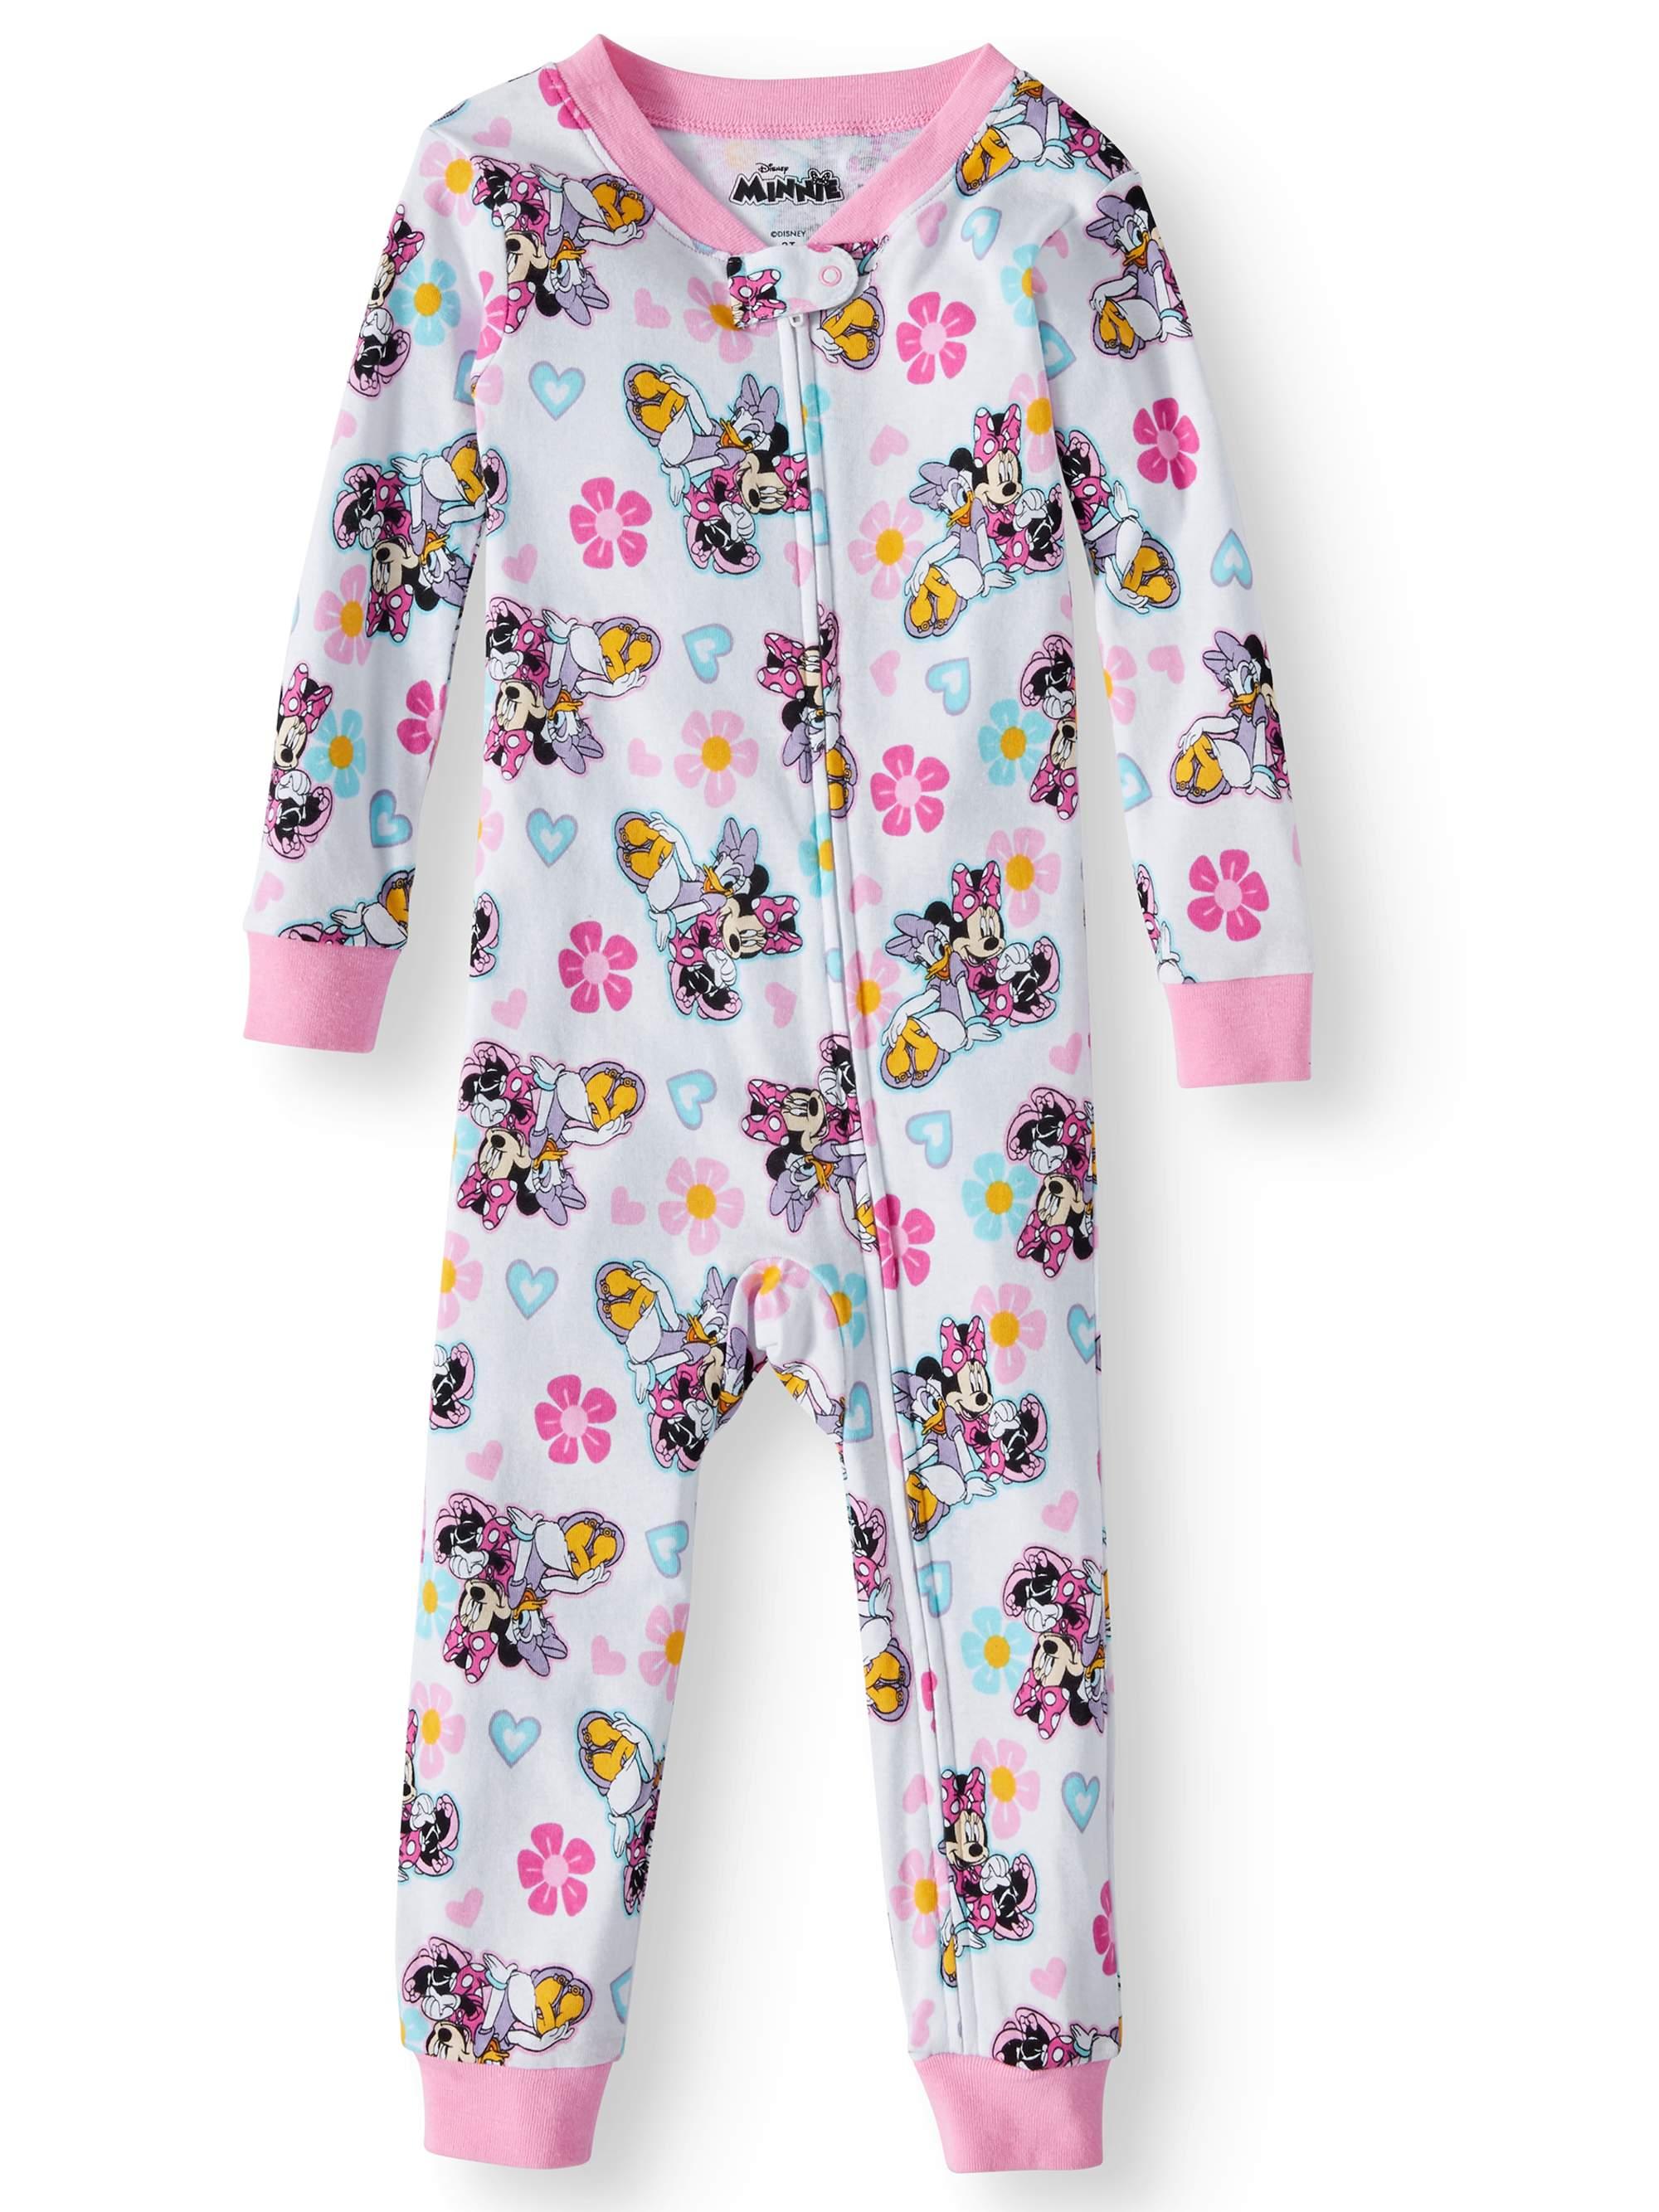 Cotton Footless Pajama Sleeper (Toddler Girls)